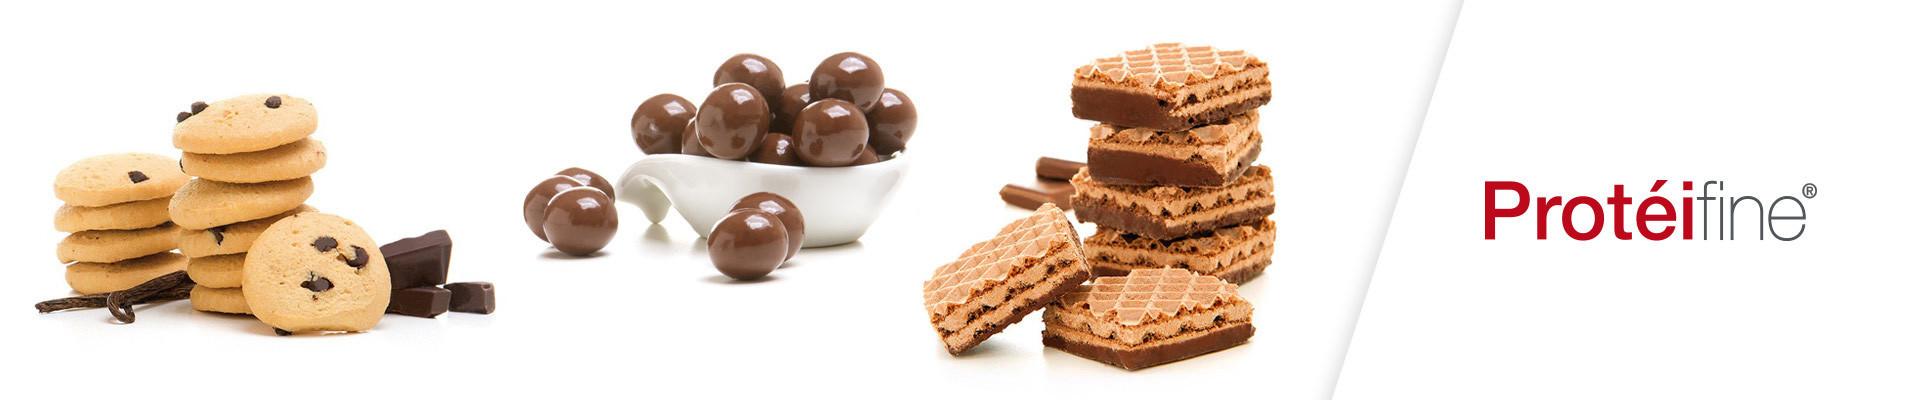 Snacks Sucrées Protéifine